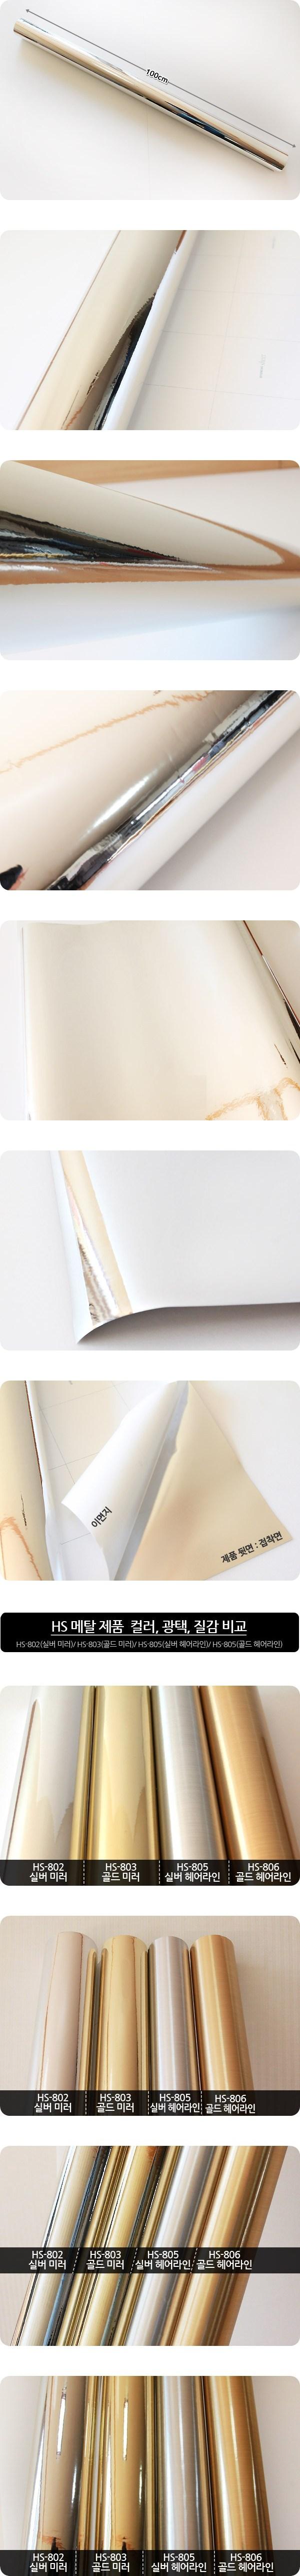 HS-802 은색 미러 - 케이알인터내셔날, 6,600원, 벽시/시트지, 단색벽지